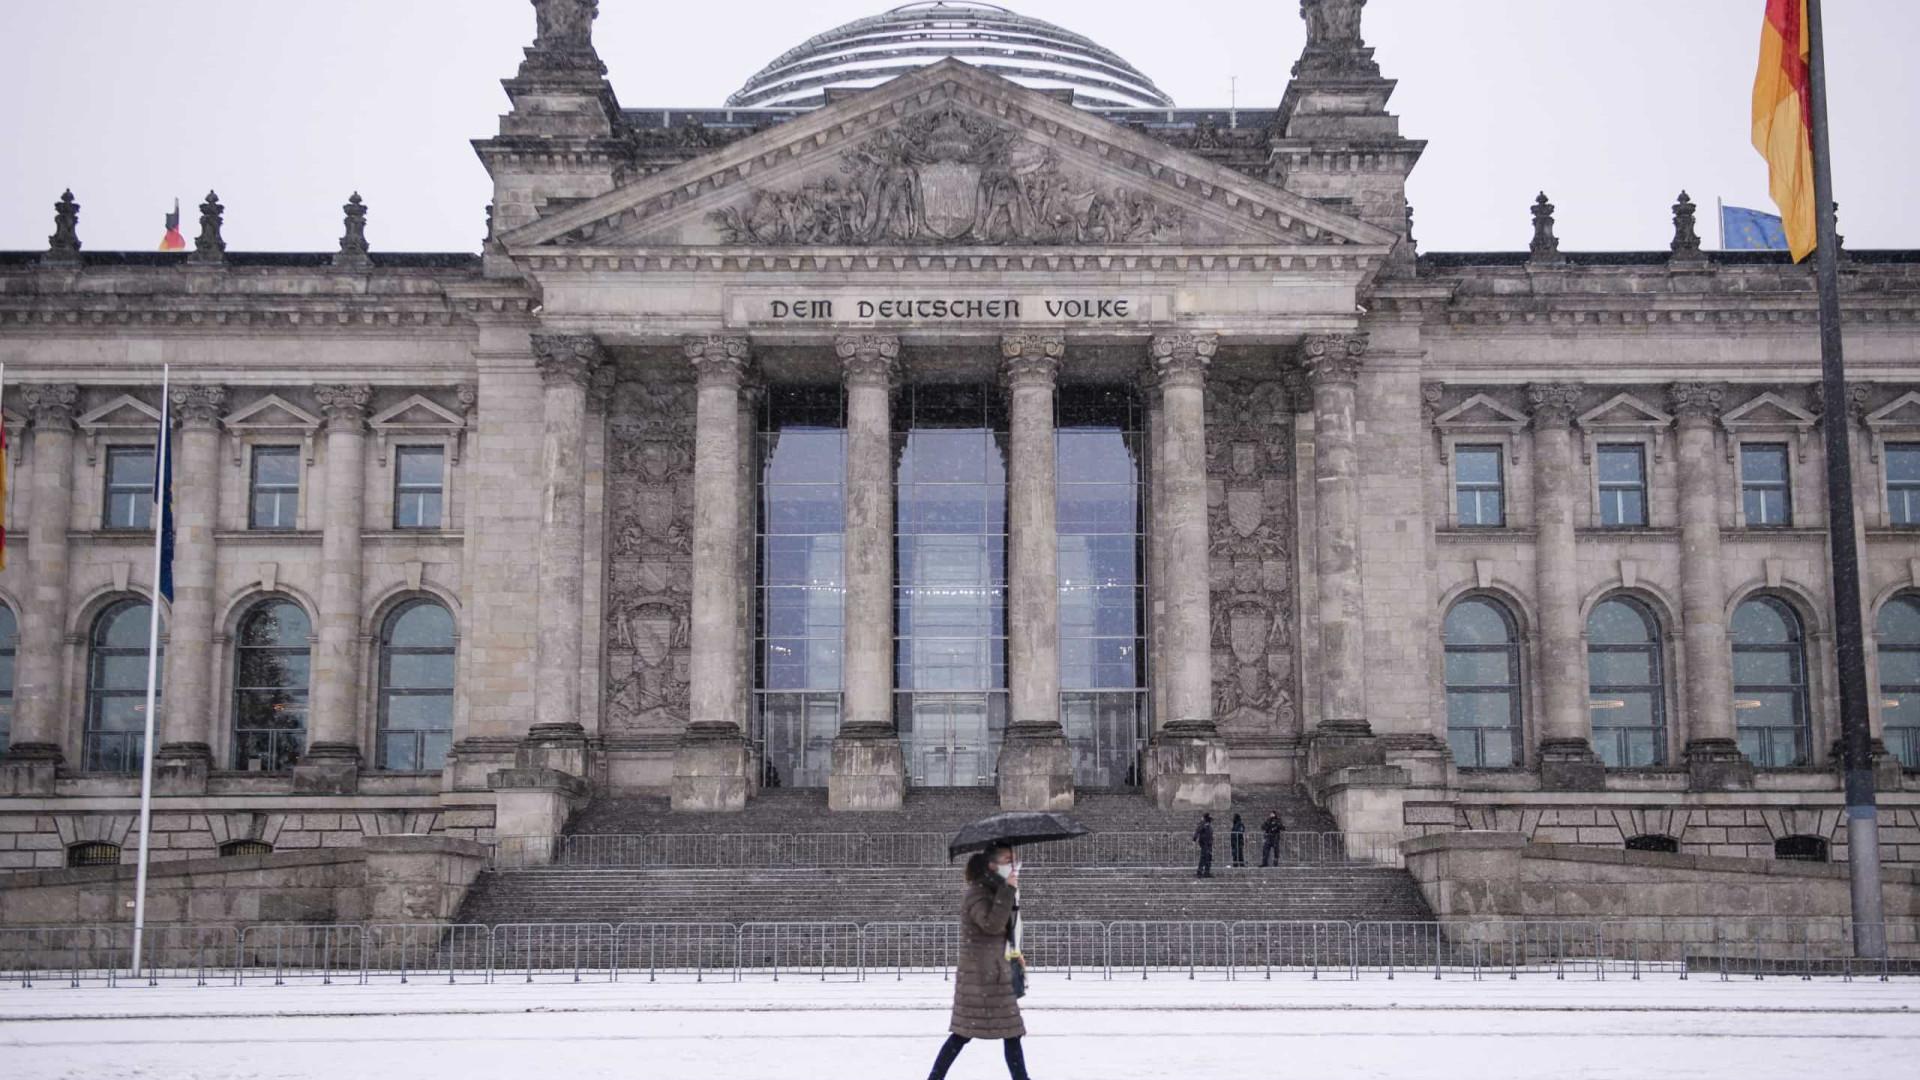 Alemanha reforça segurança junto ao parlamento após invasão do Capitólio